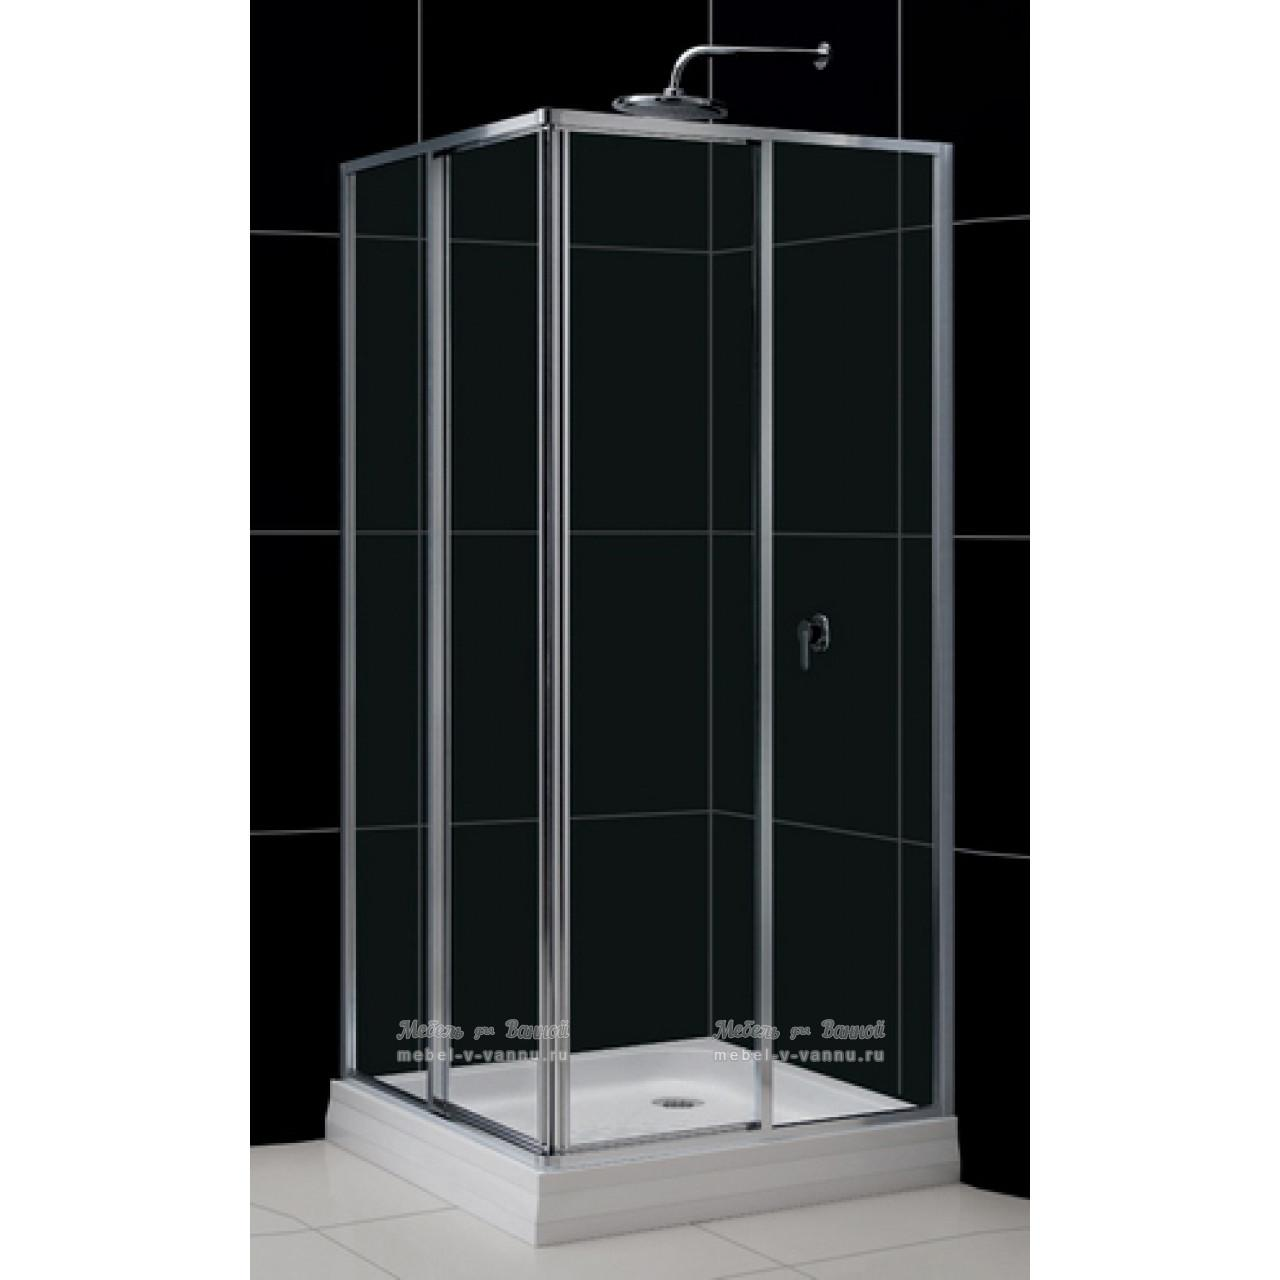 Душевой уголок RGW Classic CL-32 90x90x185 стекло прозрачное 04093299-11 купить в Москве по цене от 29296р. в интернет-магазине mebel-v-vannu.ru